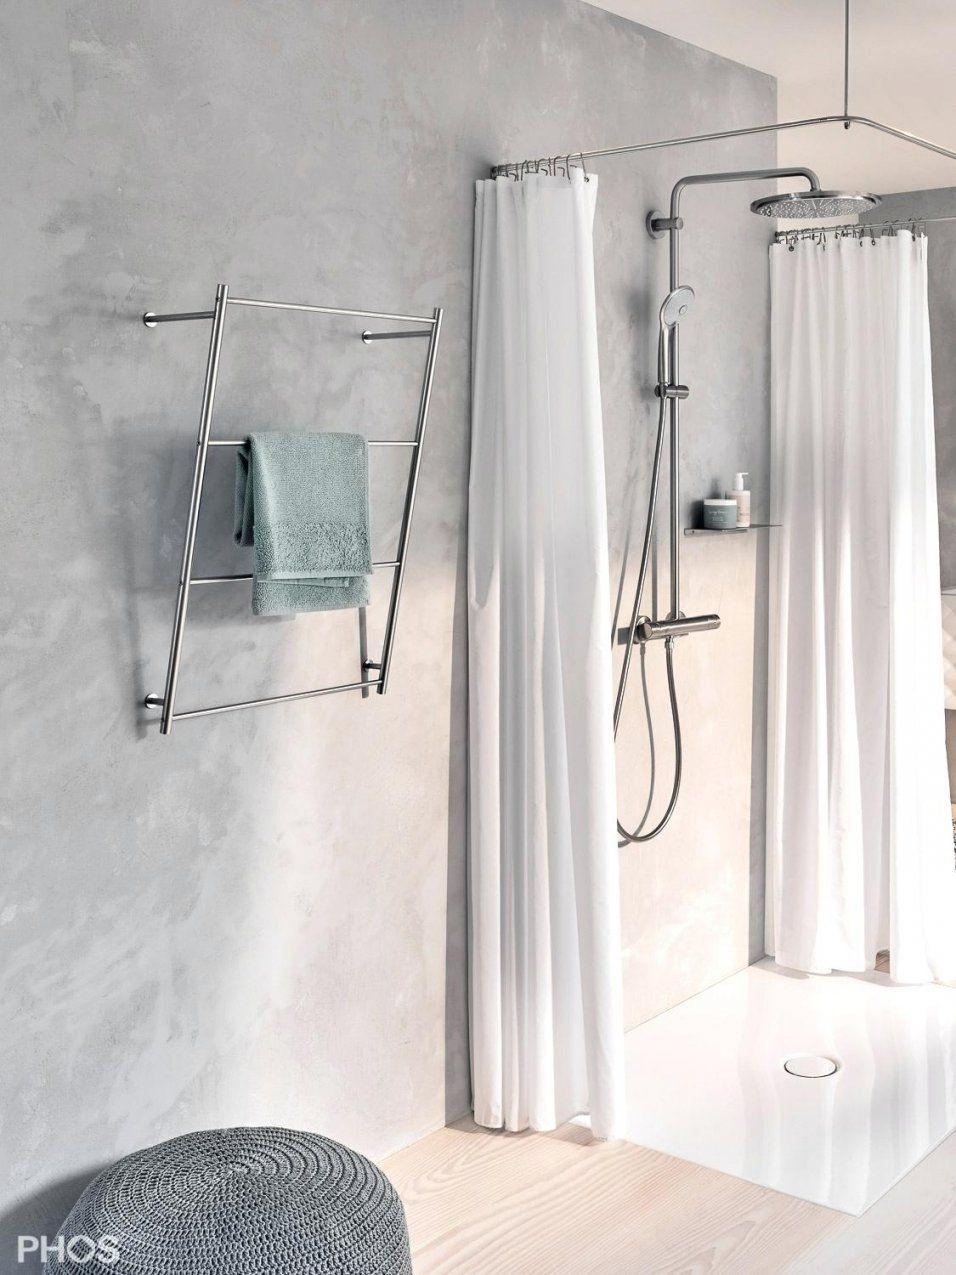 Duschvorhang Stange – Furnacepark von Duschvorhang Mit Stange Für Badewanne Bild